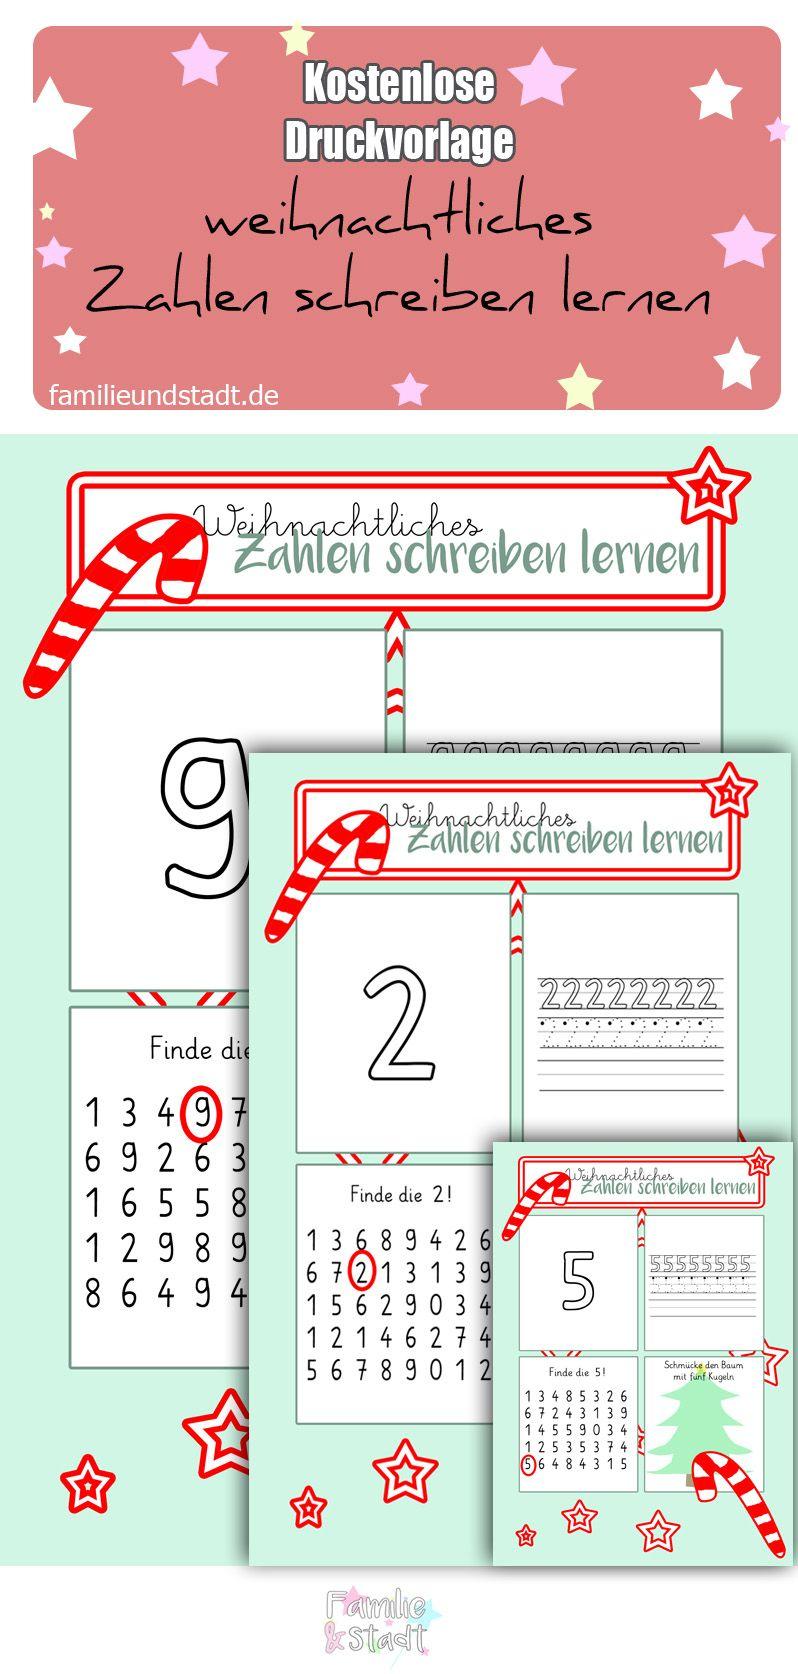 Zahlen schreiben lernen - weihnachtliche Arbeitsblätter | Schulkind ...